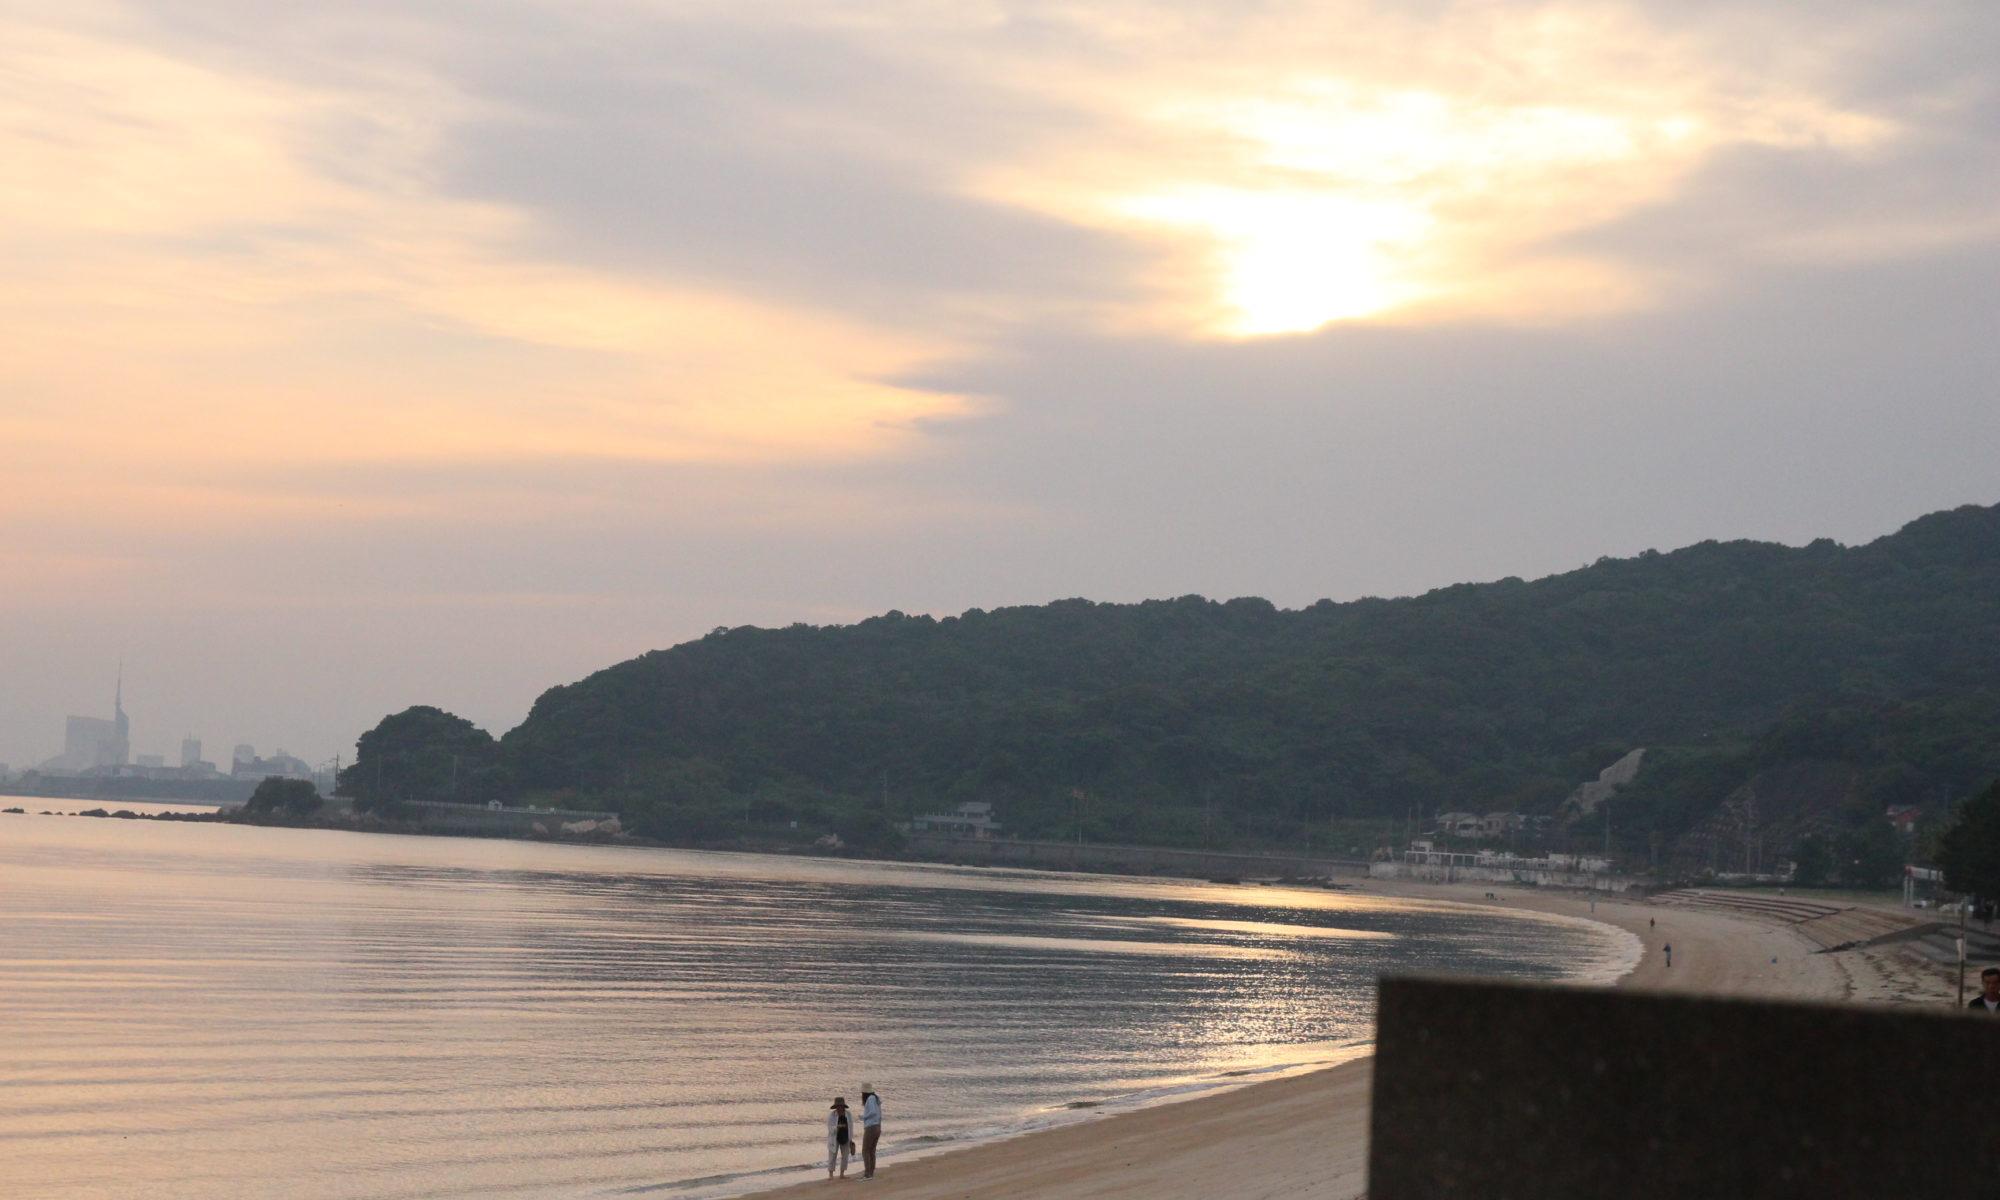 9月24日朝7時、宿からの海辺の写真